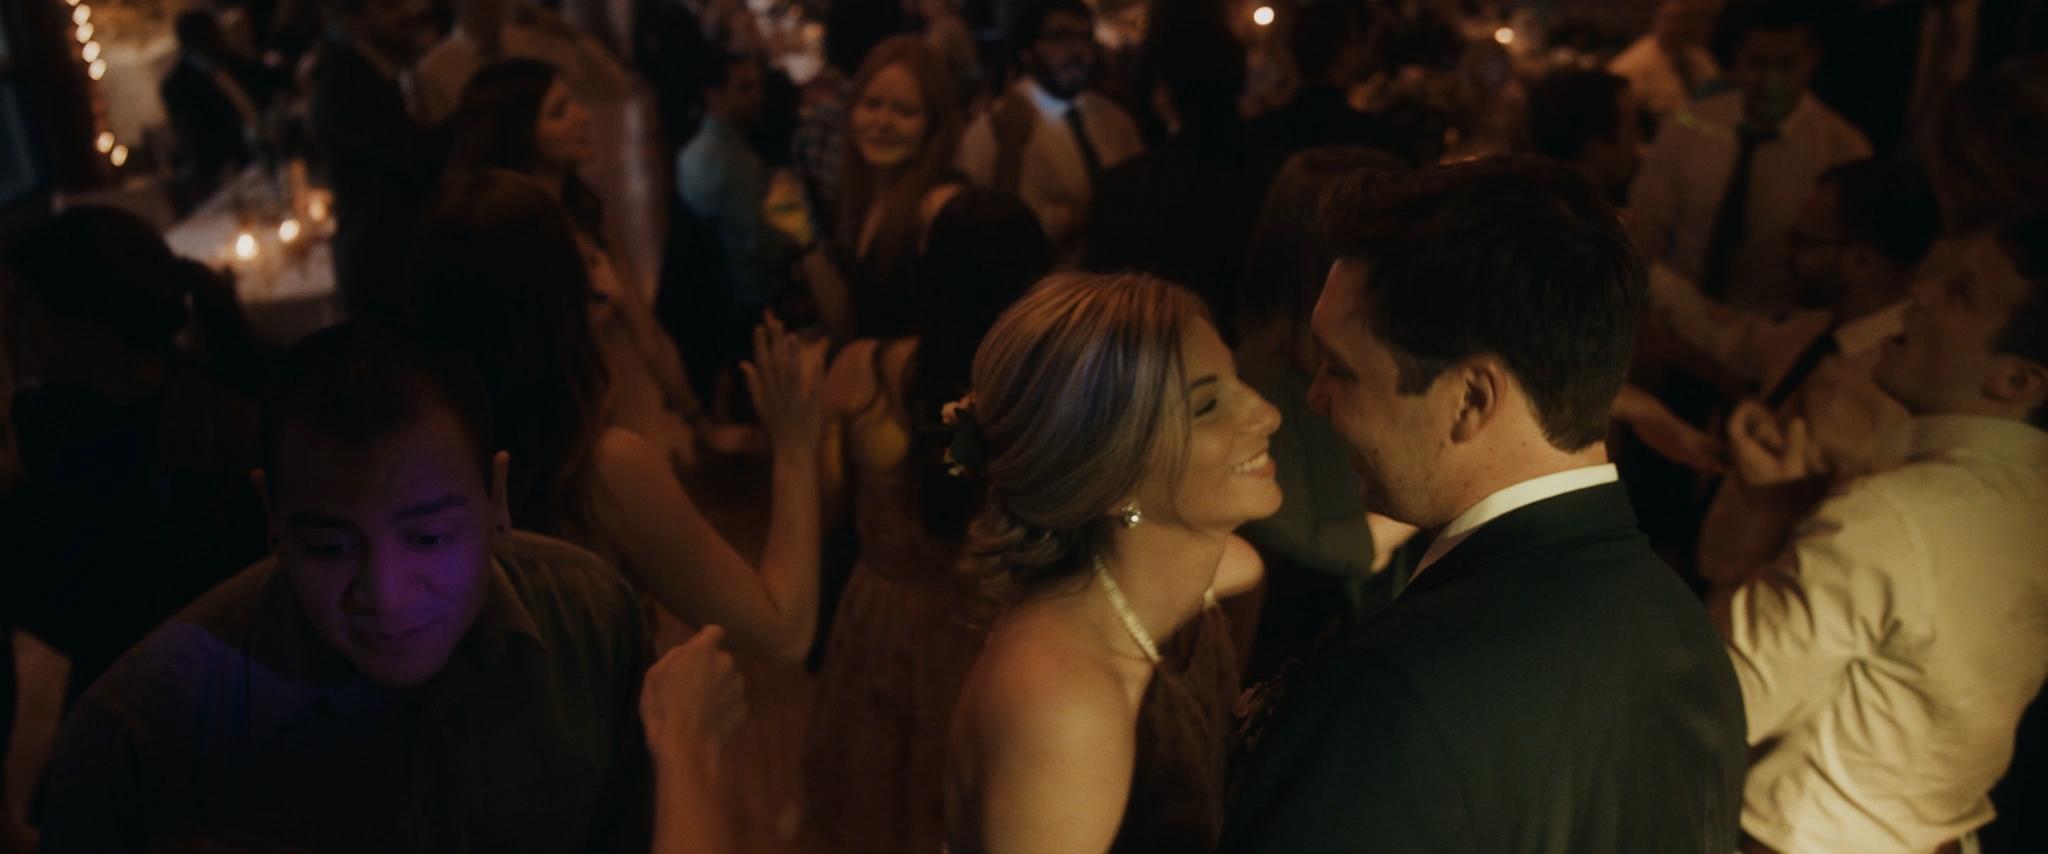 HAVENS_Wedding_Film.00_07_09_19.Still080.jpg